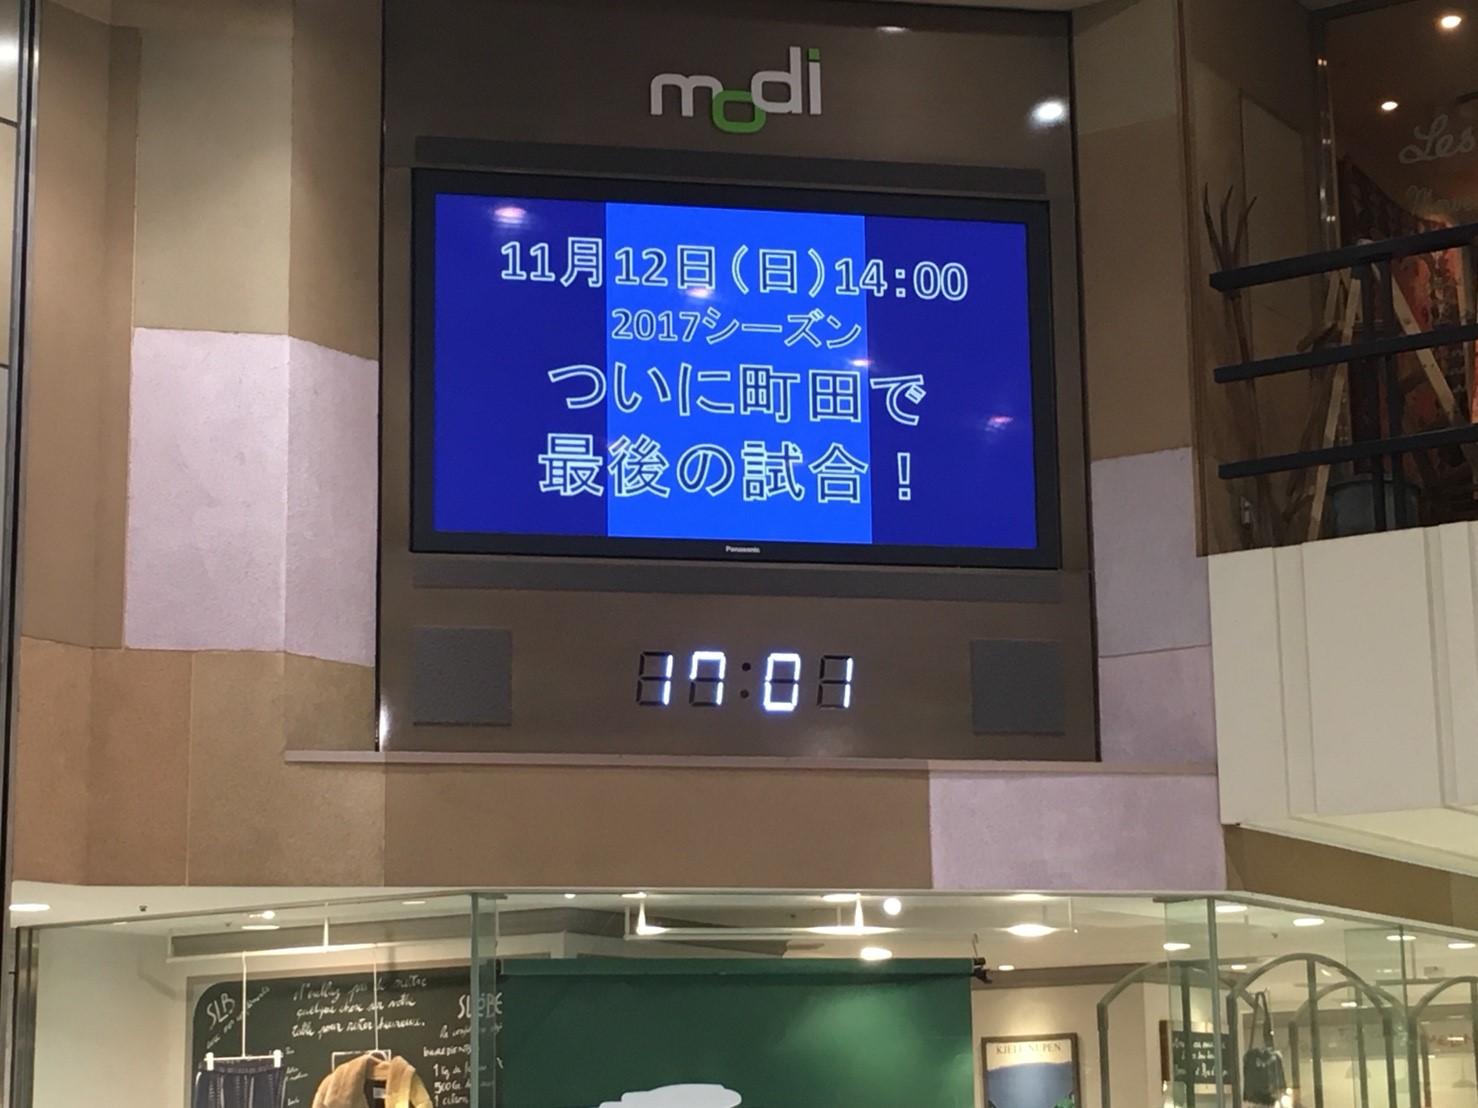 モディ 町田